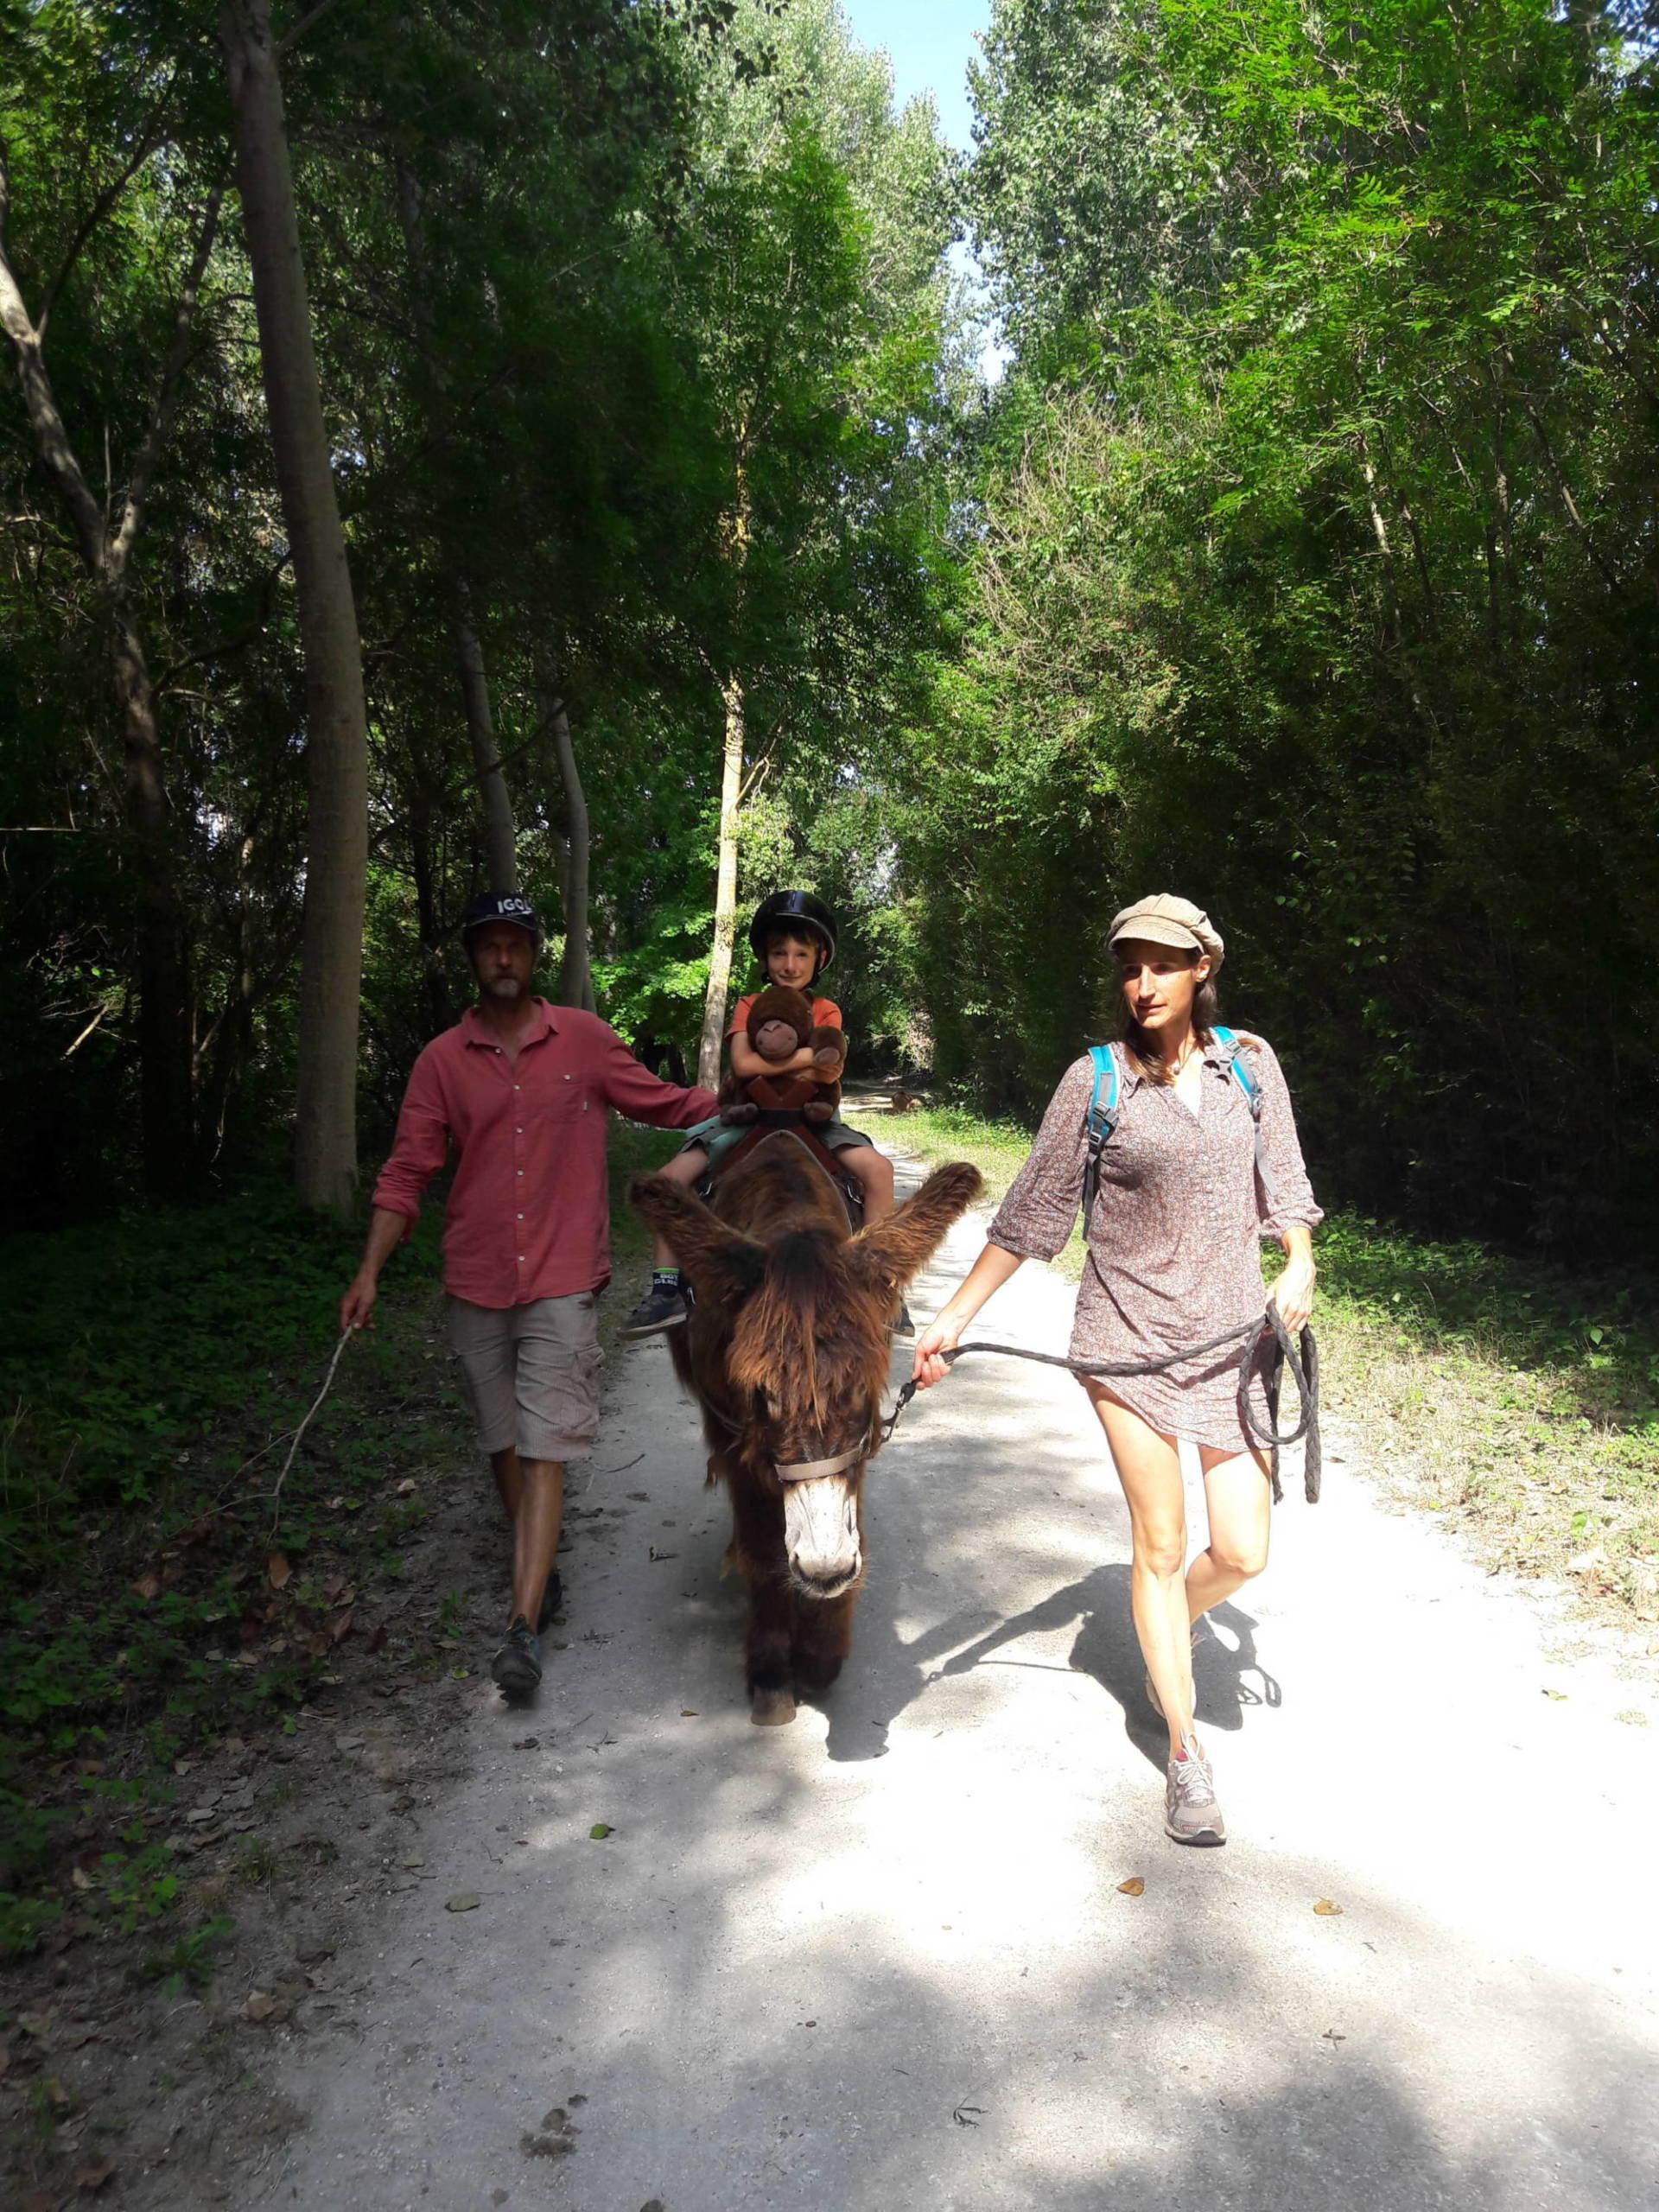 Famille faisant une randonnée en âne bâté dans le Parc naturel régional du Marais poitevin